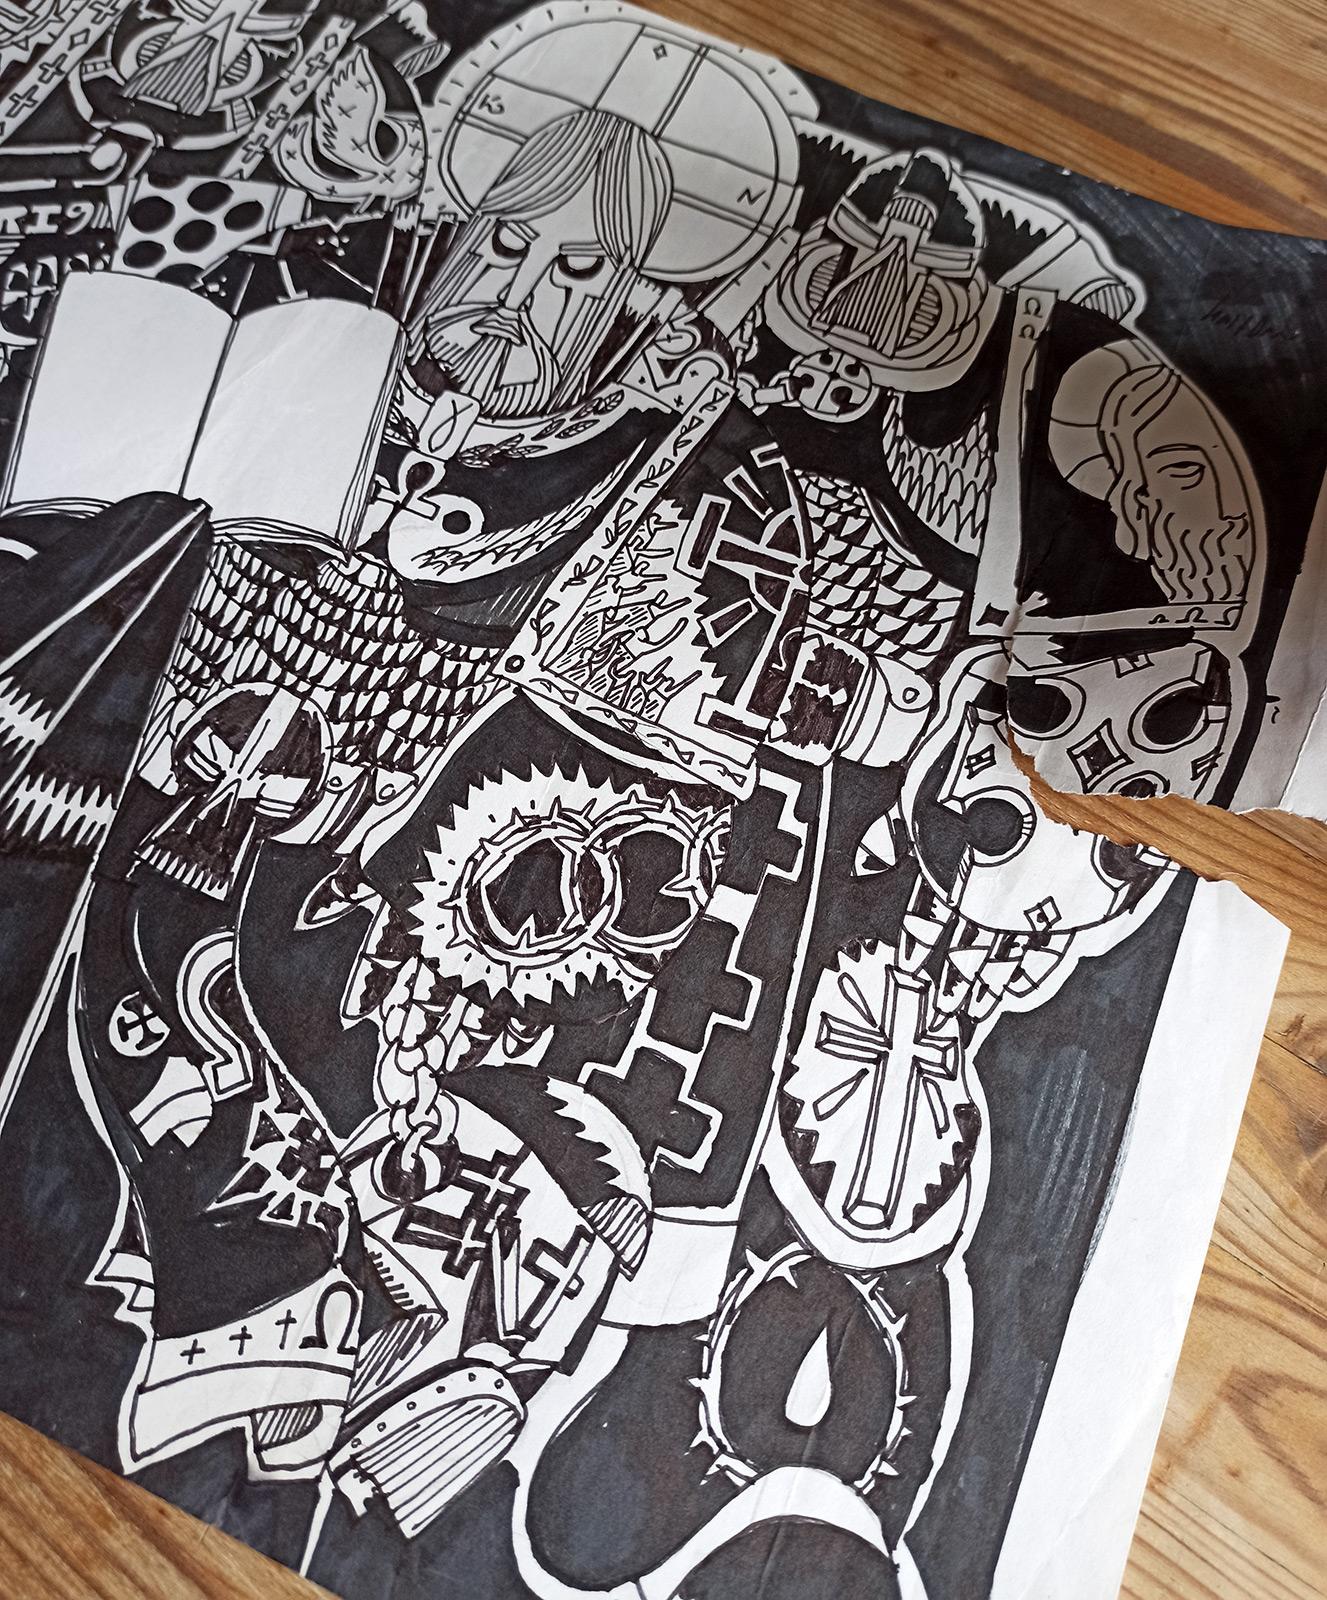 tegninger, ekspressionistiske, figurative, illustrative, mennesker, religion, sorte, hvide, artliner, papir, samtidskunst, moderne, moderne-kunst, Køb original kunst og kunstplakater. Malerier, tegninger, limited edition kunsttryk & plakater af dygtige kunstnere.